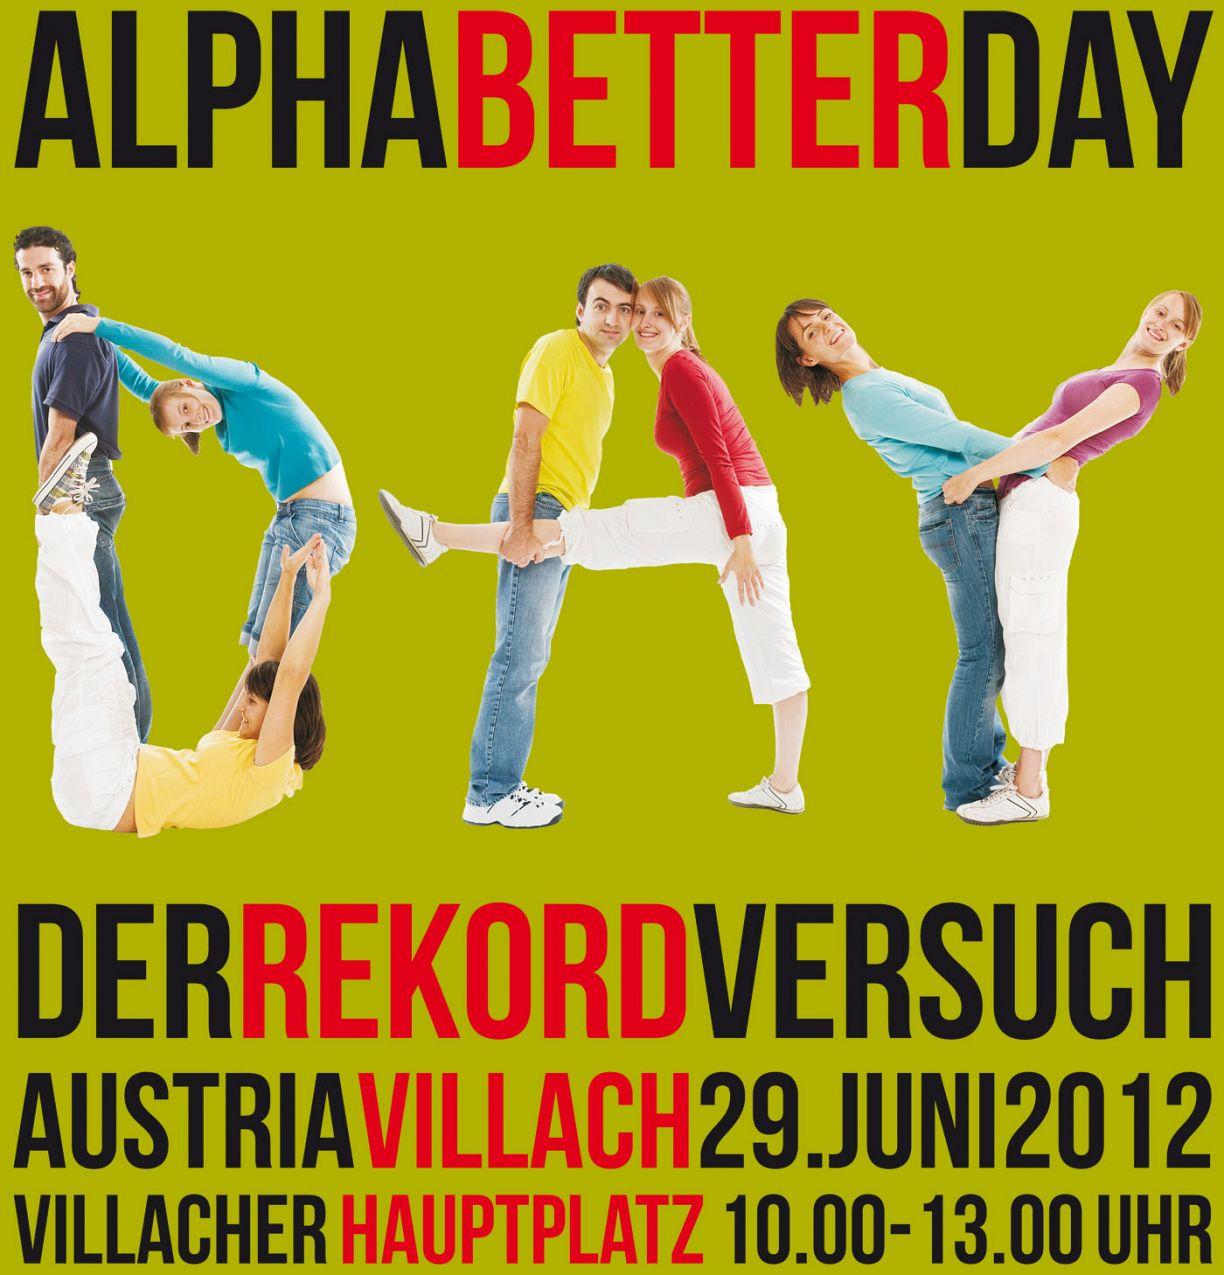 AlphaBetterDay: Rekordversuch in Villach am 29. Juni 2012